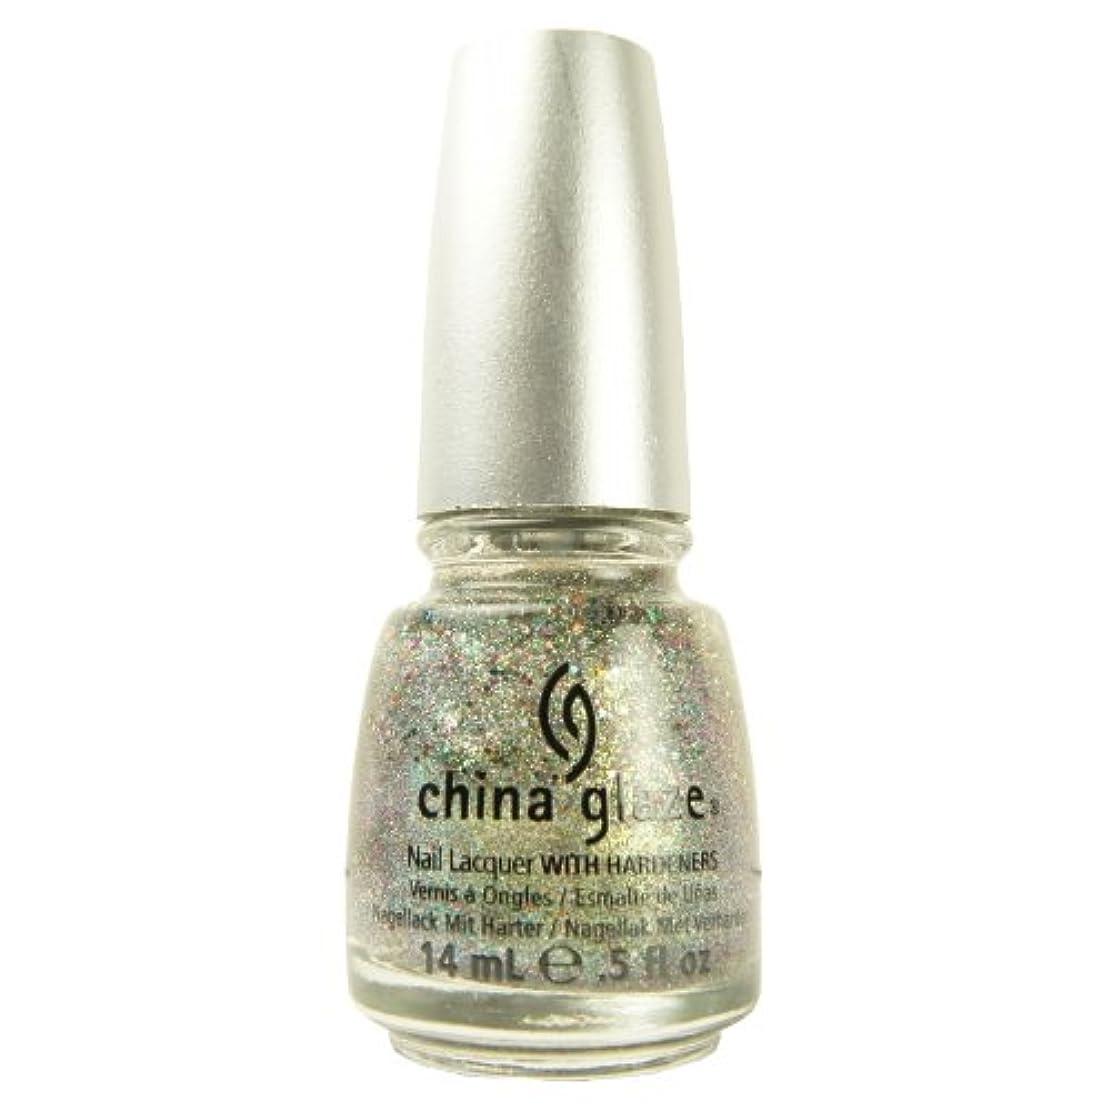 二度ペネロペ一部(3 Pack) CHINA GLAZE Glitter Nail Lacquer with Nail Hardner - Ray-Diant (DC) (並行輸入品)